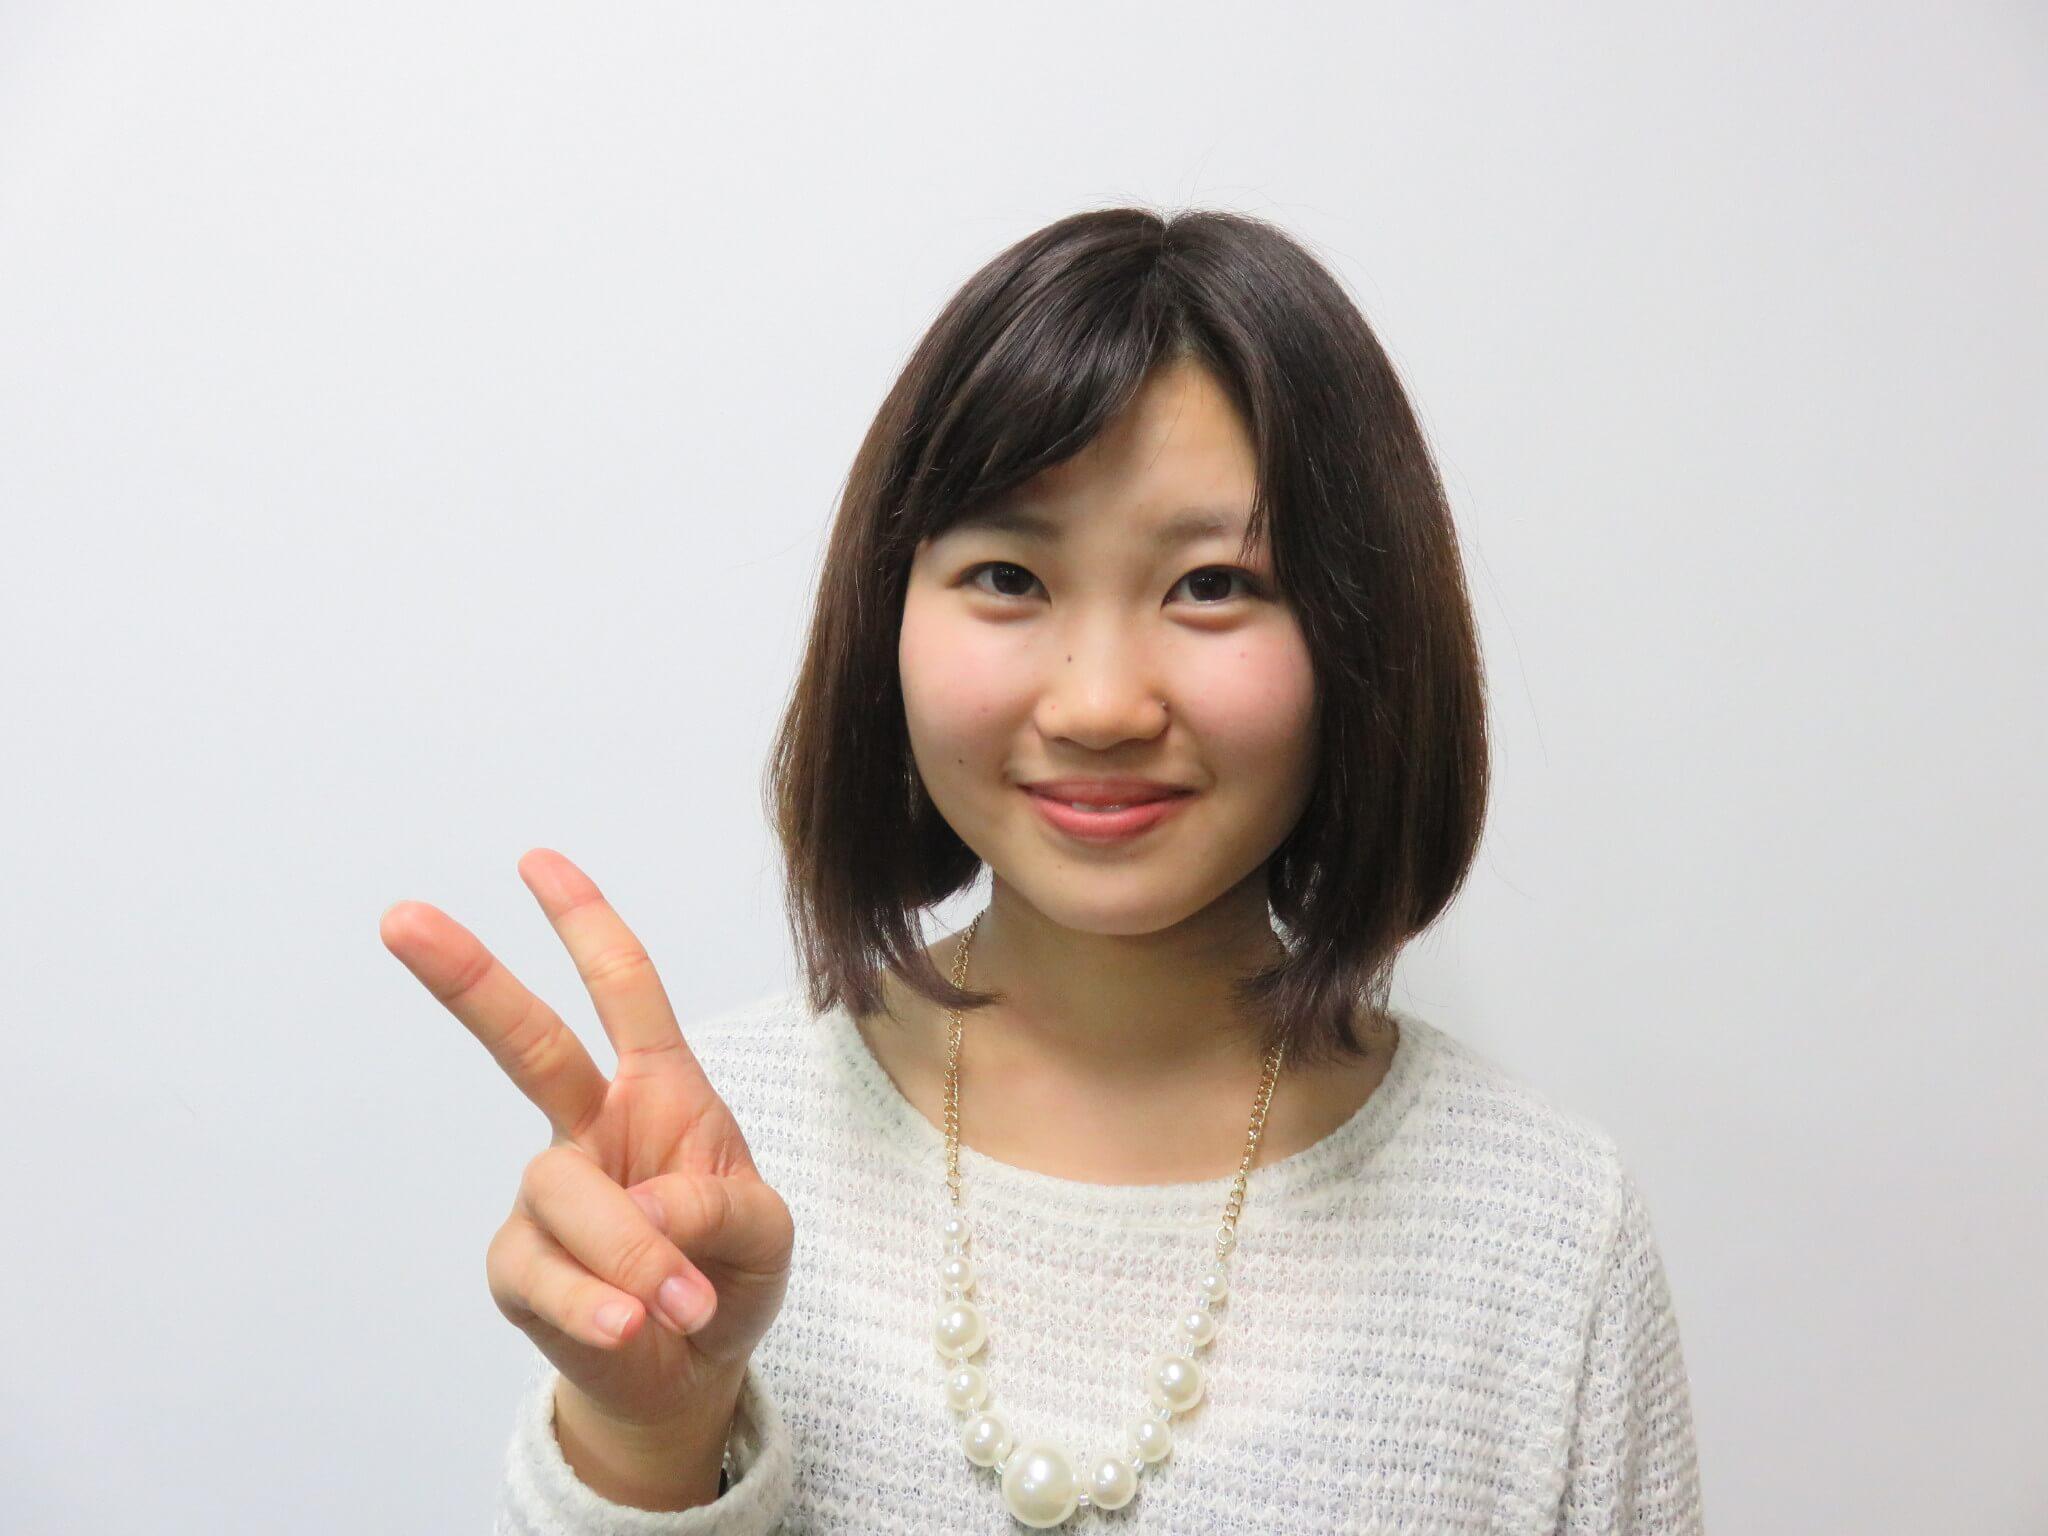 下垣雅子 大阪大学